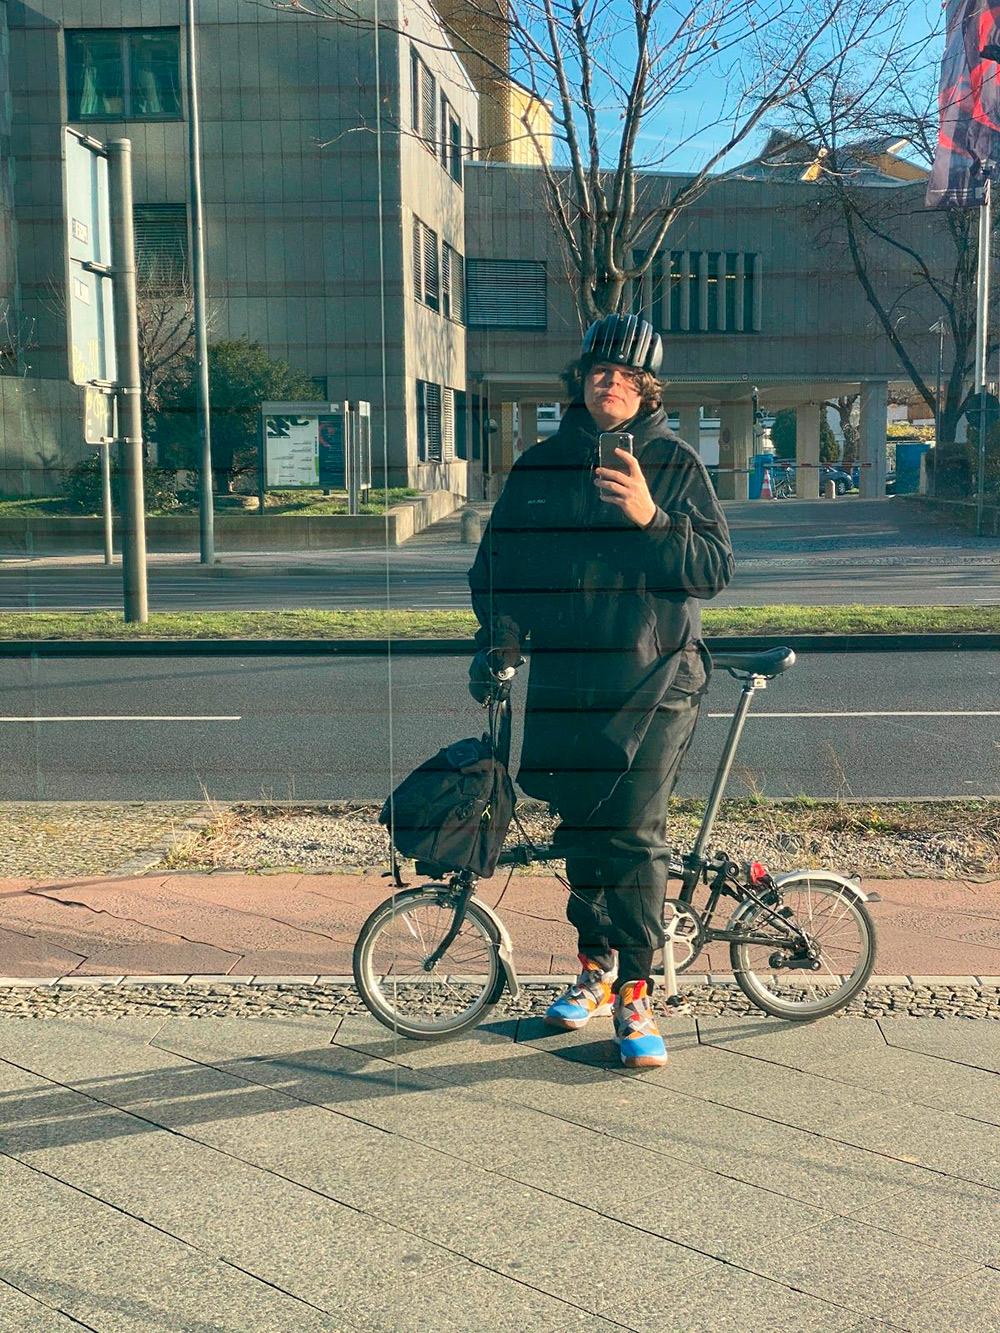 Ездить на общественном транспорте дорого. Во многом поэтому я круглый год езжу на велосипеде. Простой велик в Берлине окупается примерно за месяц